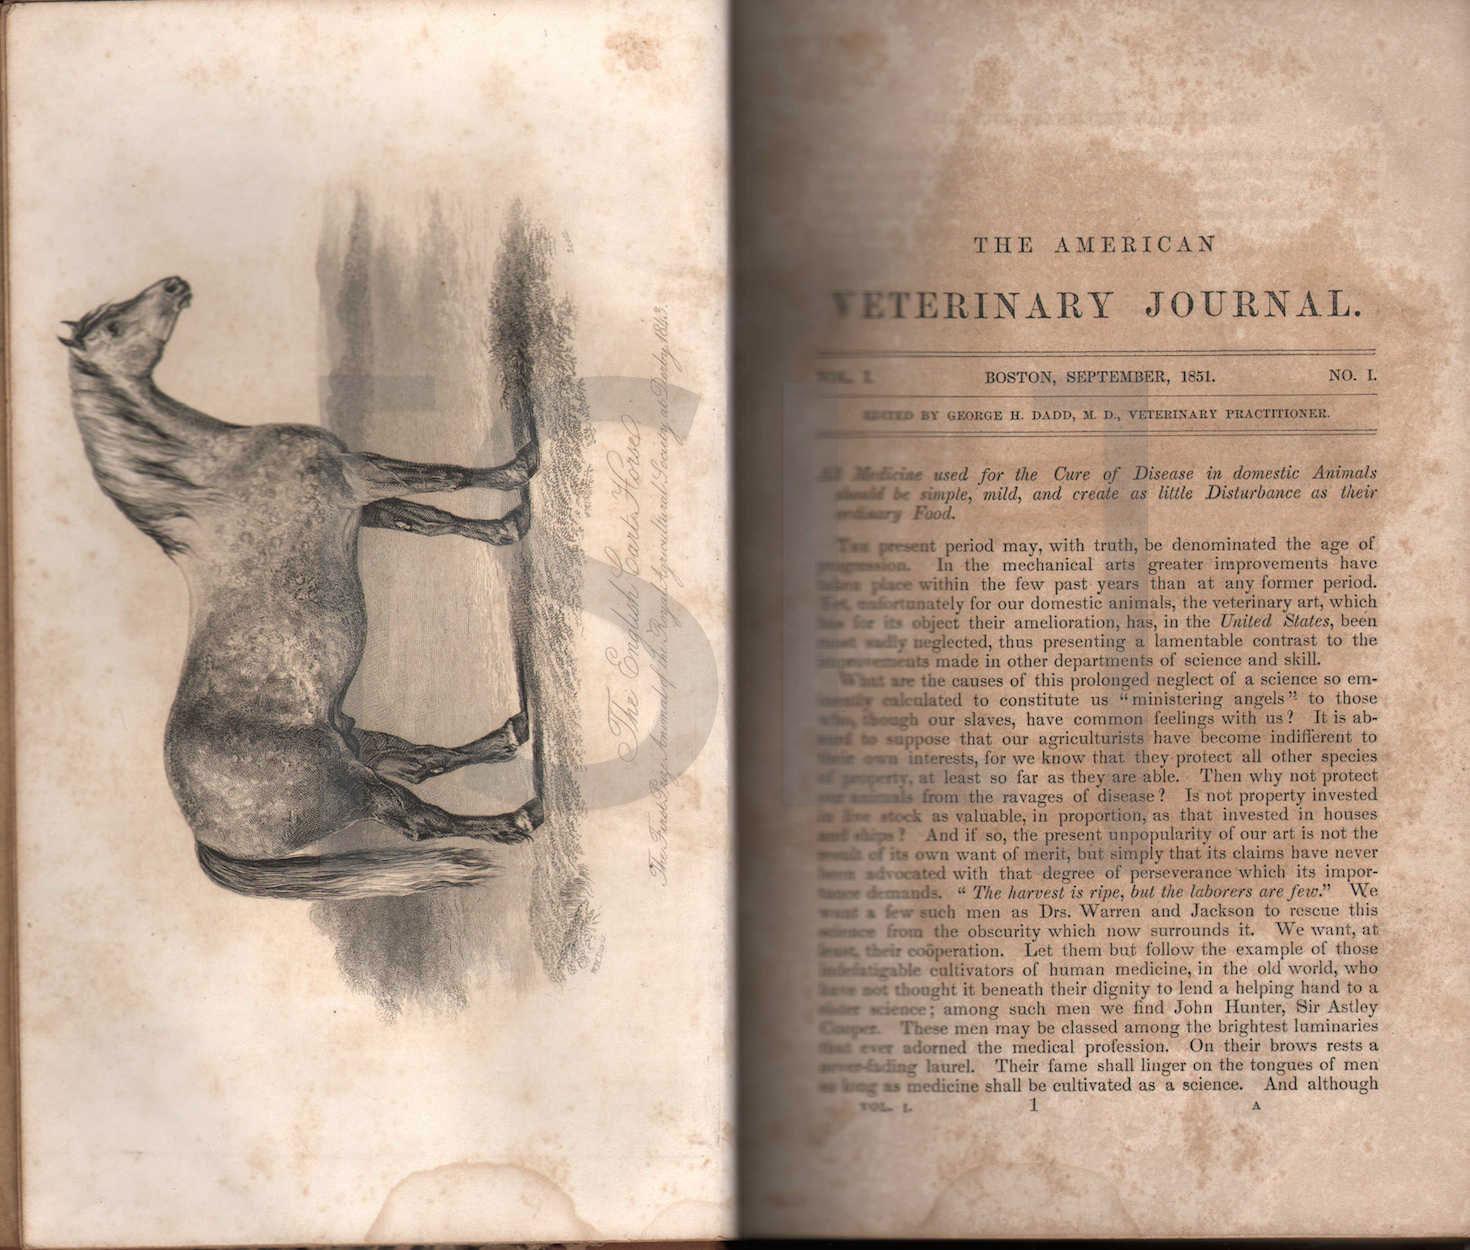 American Veterinary Journal